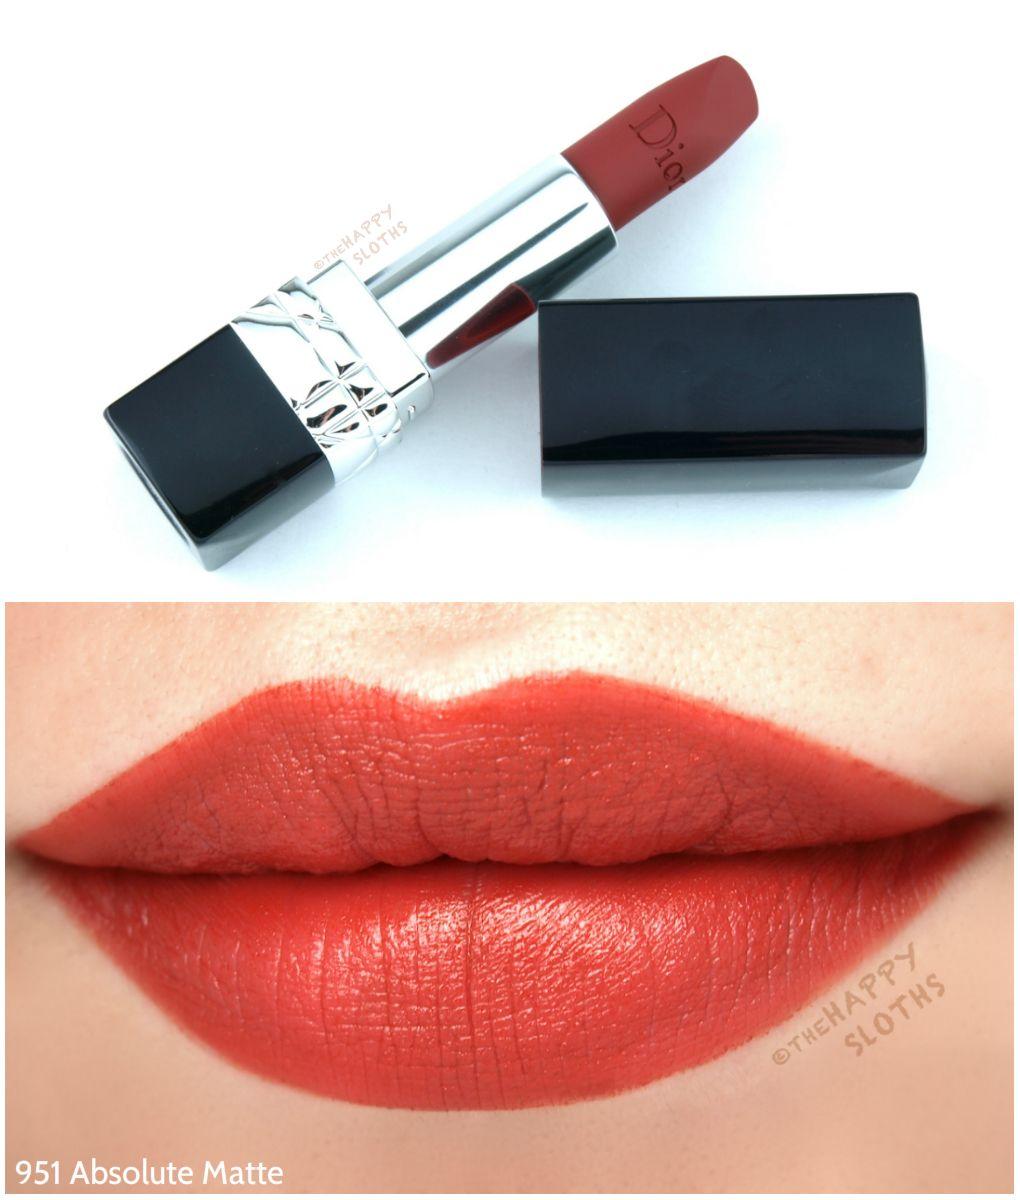 dior lipstick prijs